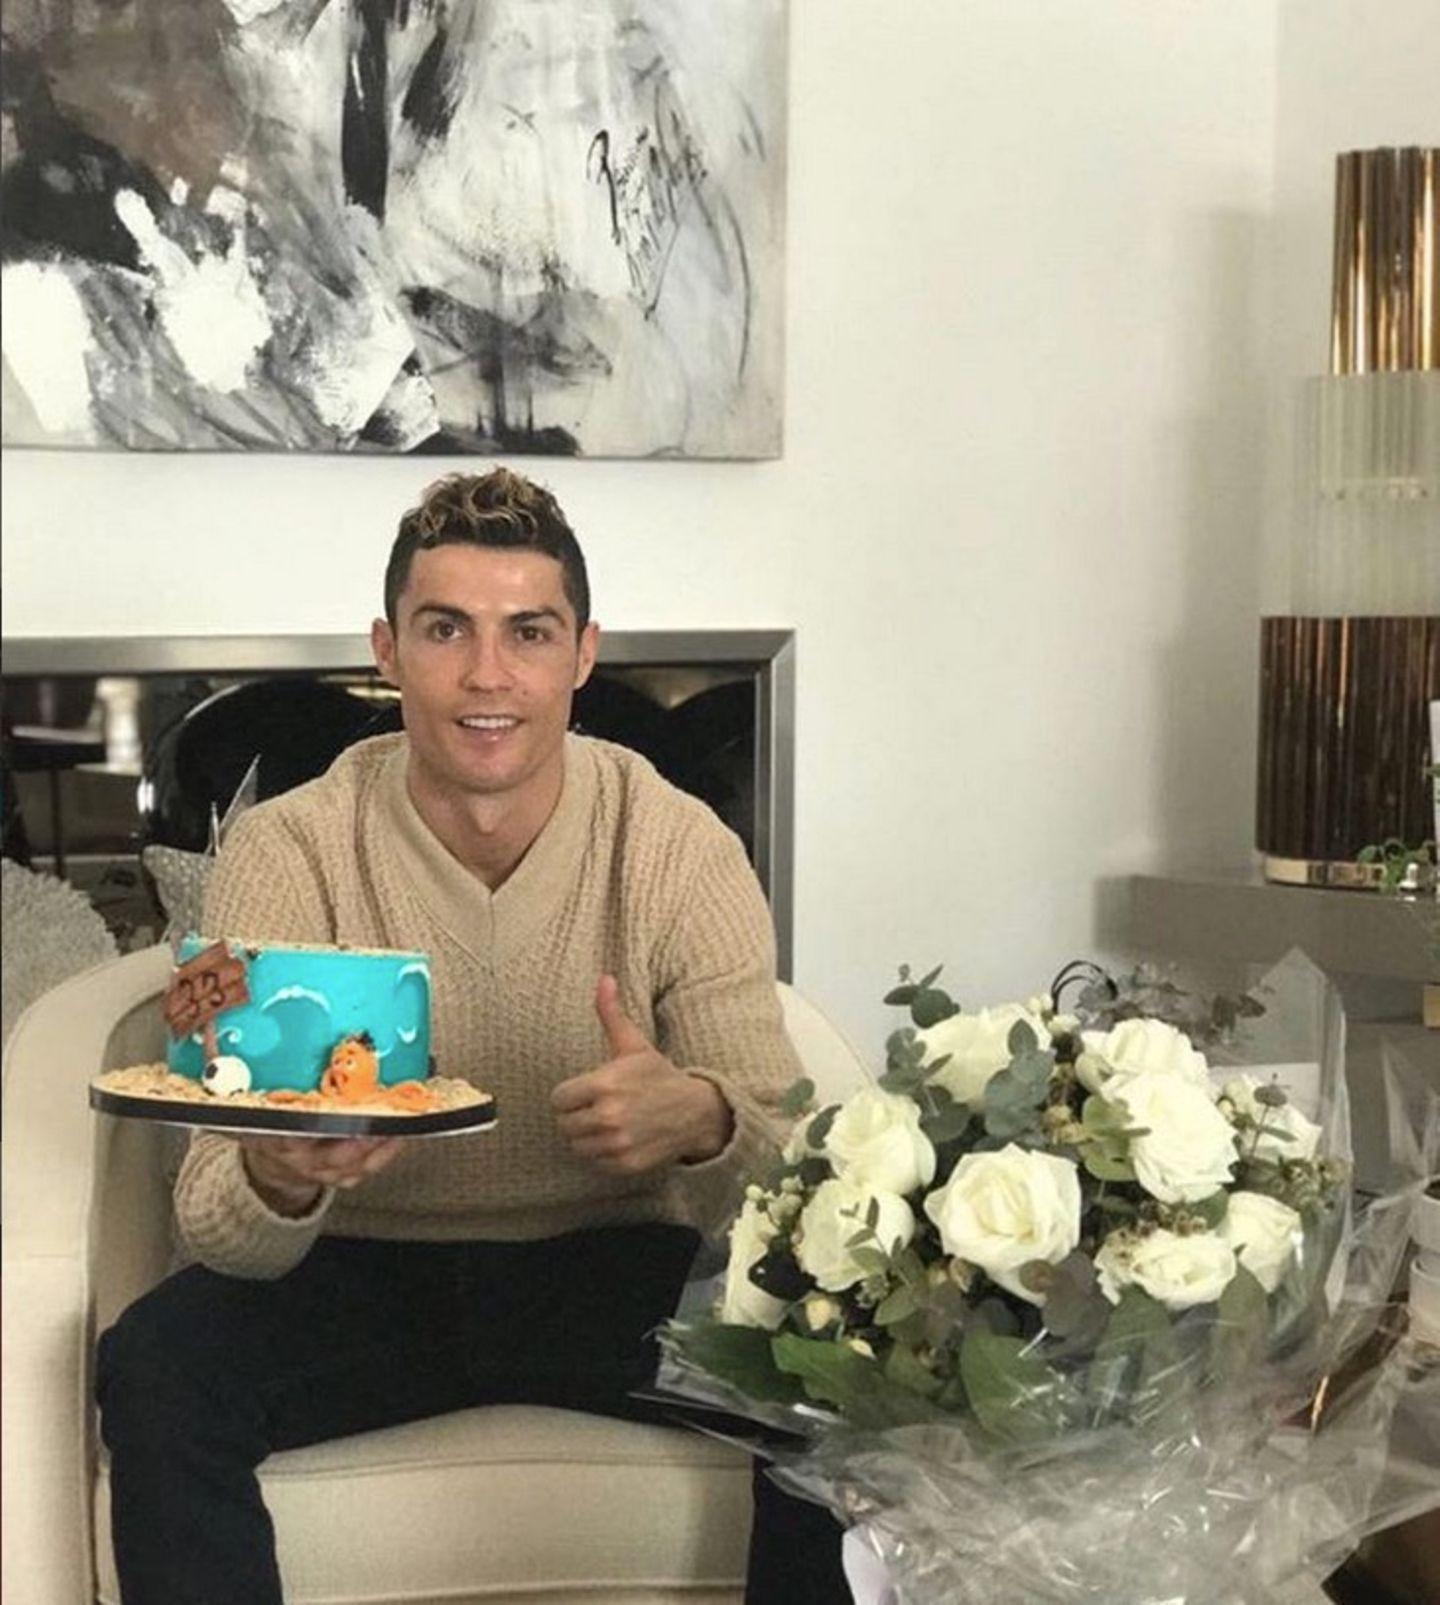 Happy Birthday Cristiano Ronaldo! Der Fußball-Star feiert seinen 33. Geburtstag. Stolz präsentiert er seine Geburtstagstorte.